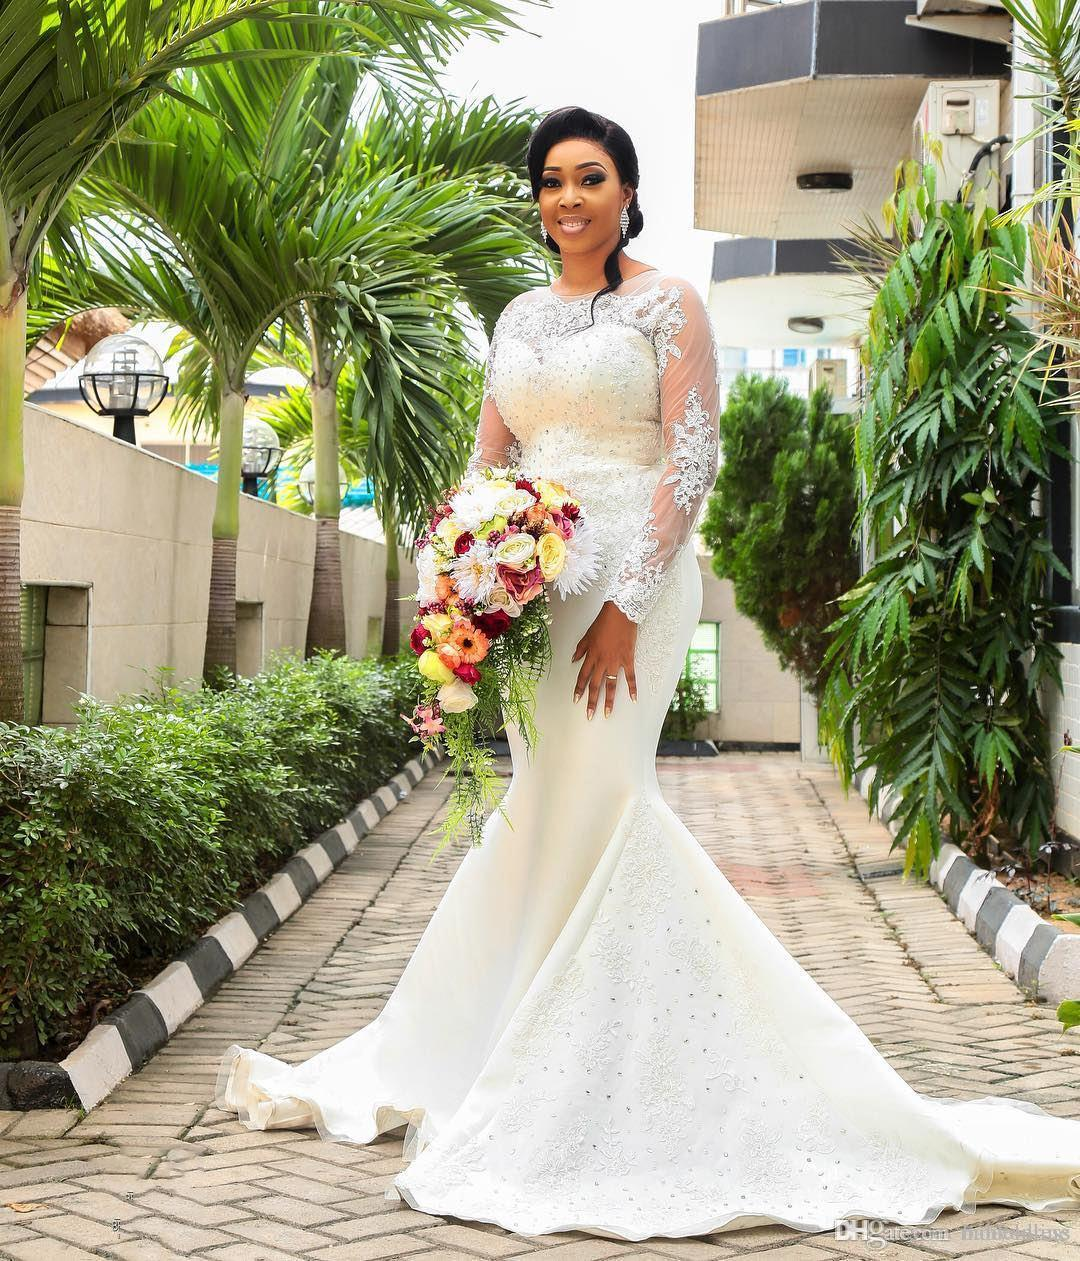 Vestidos de boda de la sirena del cordón de la vendimia 2020 Manga larga escarpada Jewel apliques de cuentas de barrido tren vestidos de novia africana más el tamaño modificado para requisitos particulares